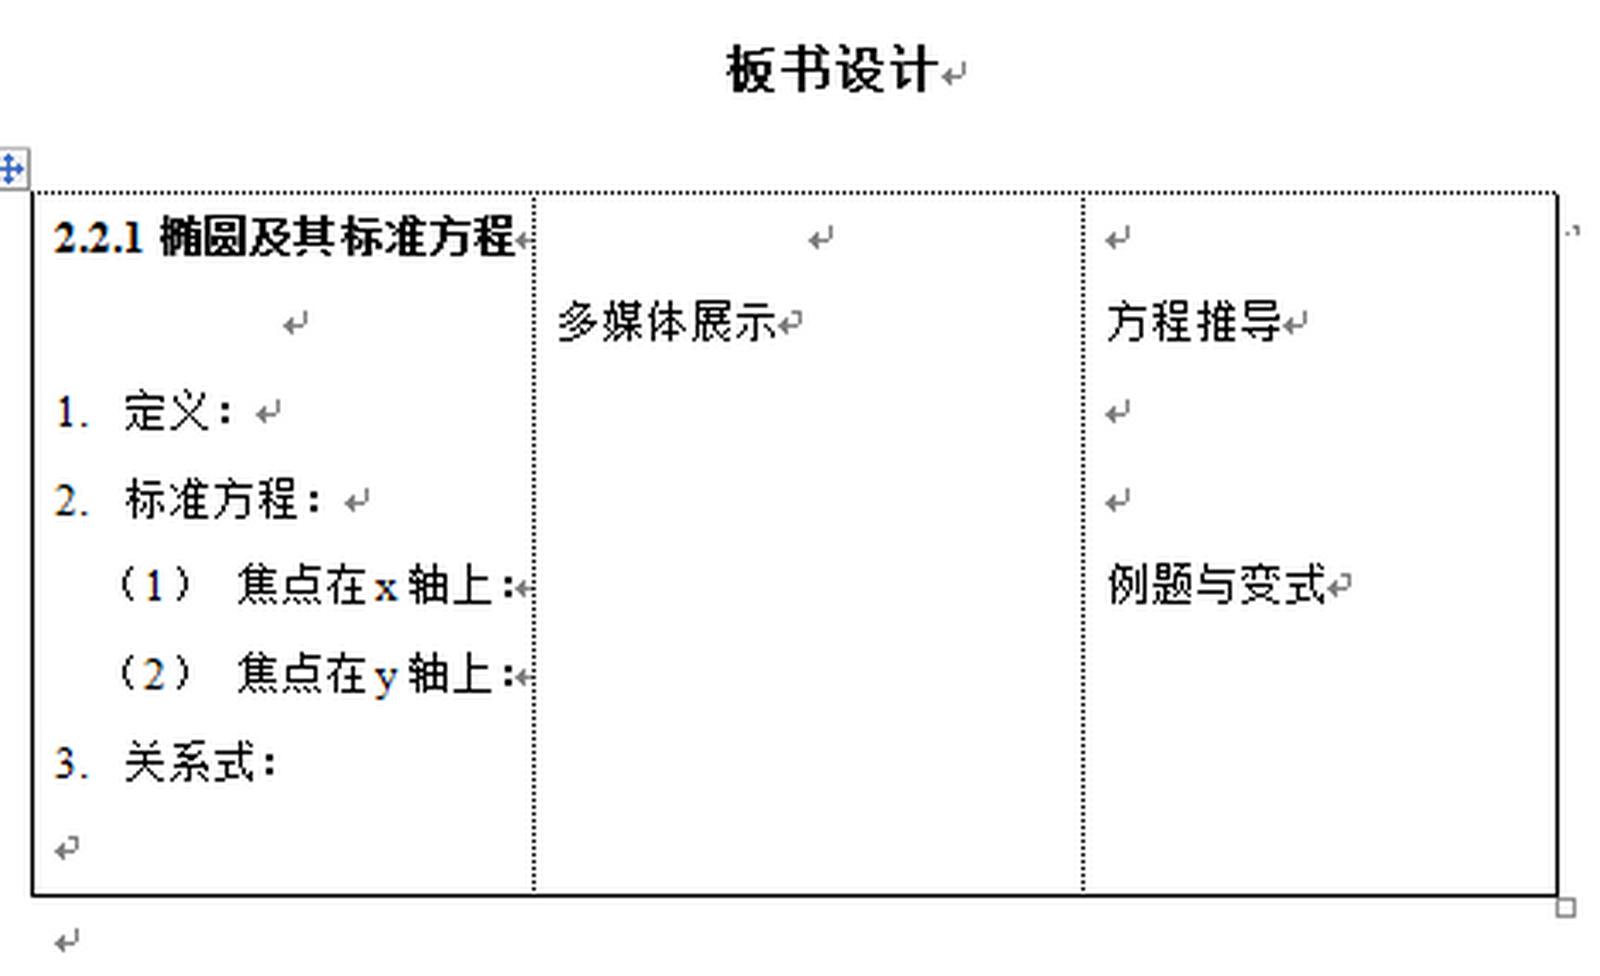 2.2.1 椭圆及其标准方程  教学案例分析——李建情